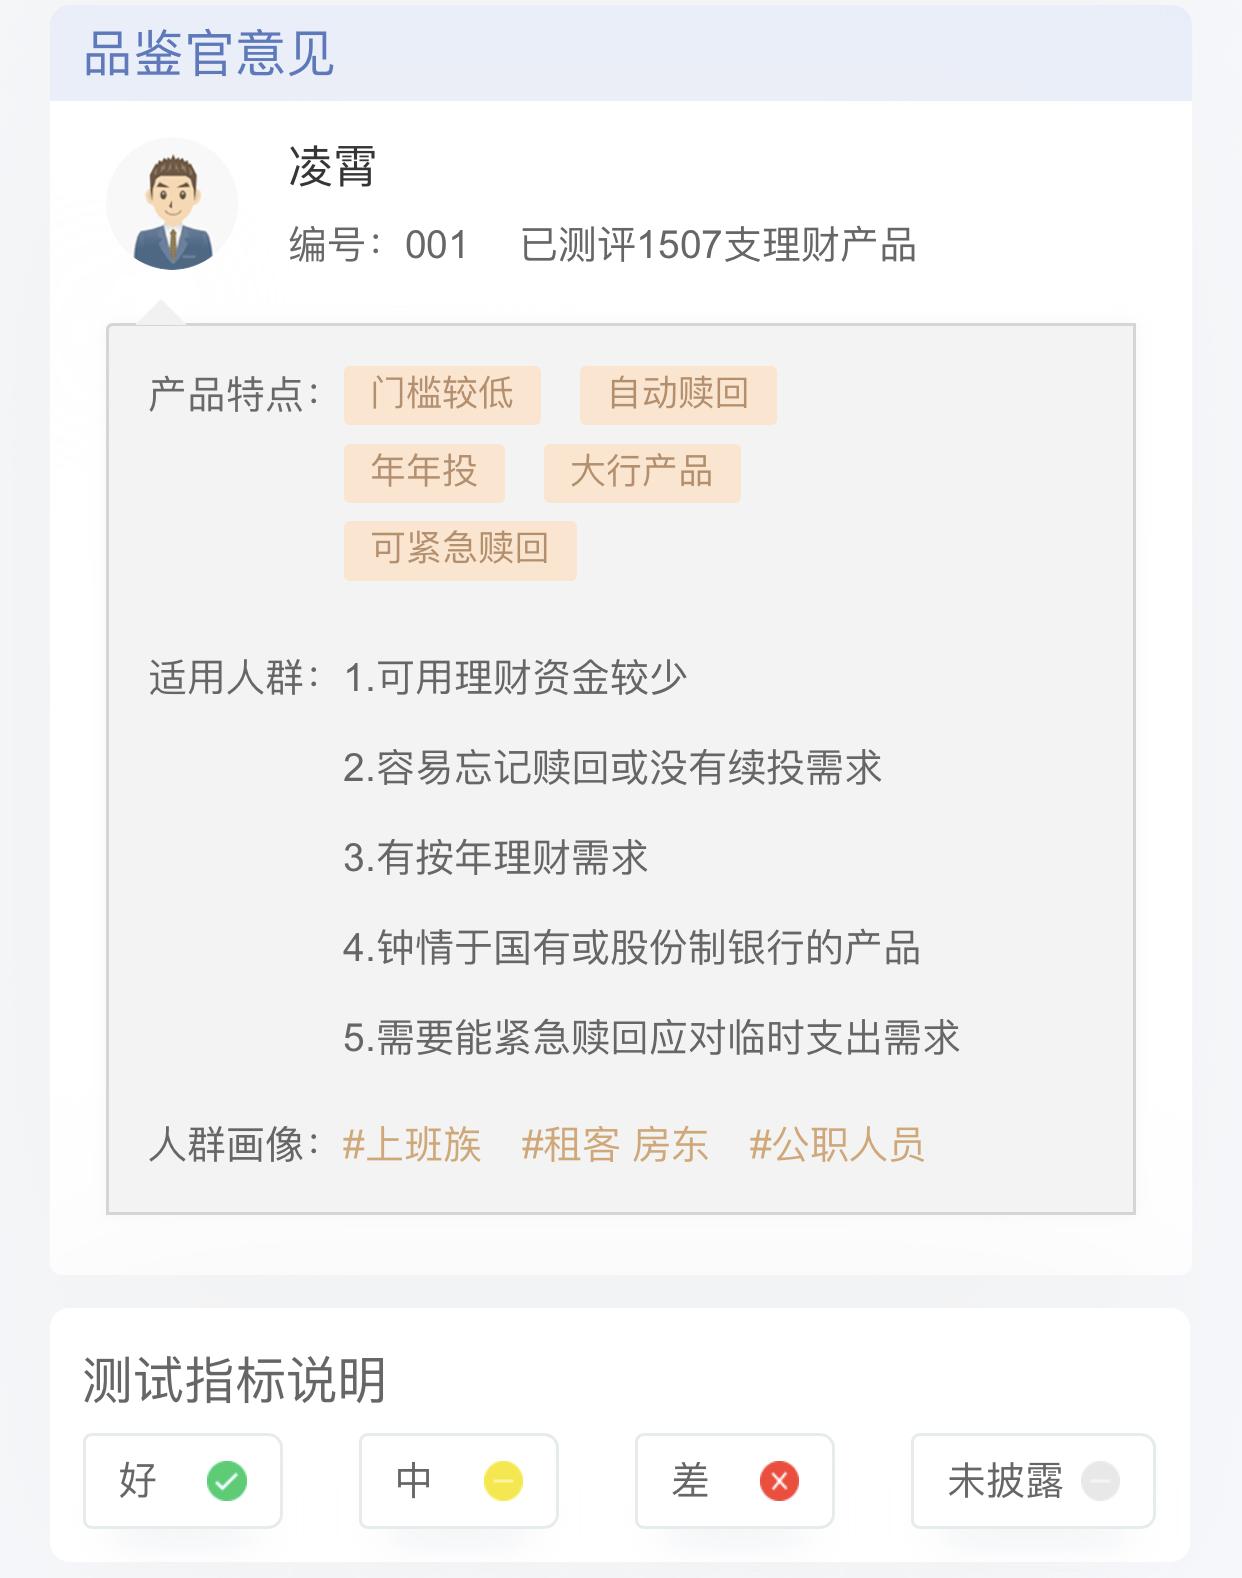 理财产品测评:中信银行・中信理财之乐赢稳健轻松投一年 A 款理财产品